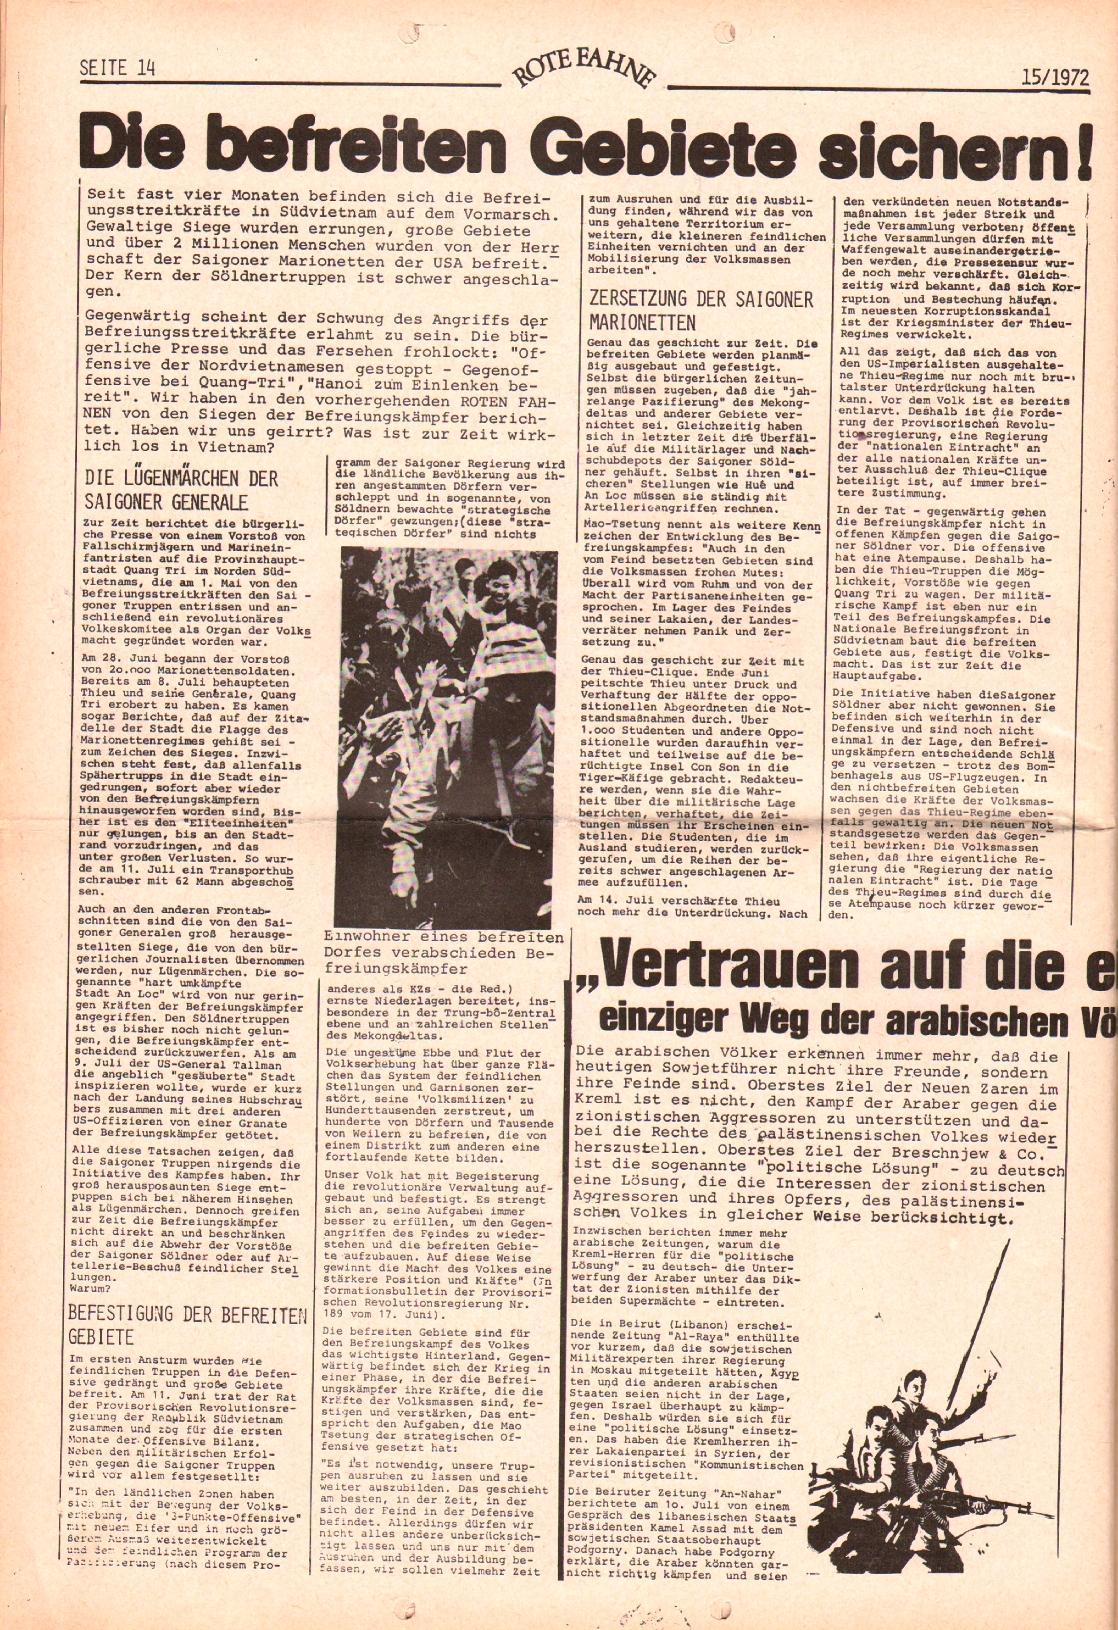 Rote Fahne, 3. Jg., 24.7.1972, Nr. 15, Seite 14